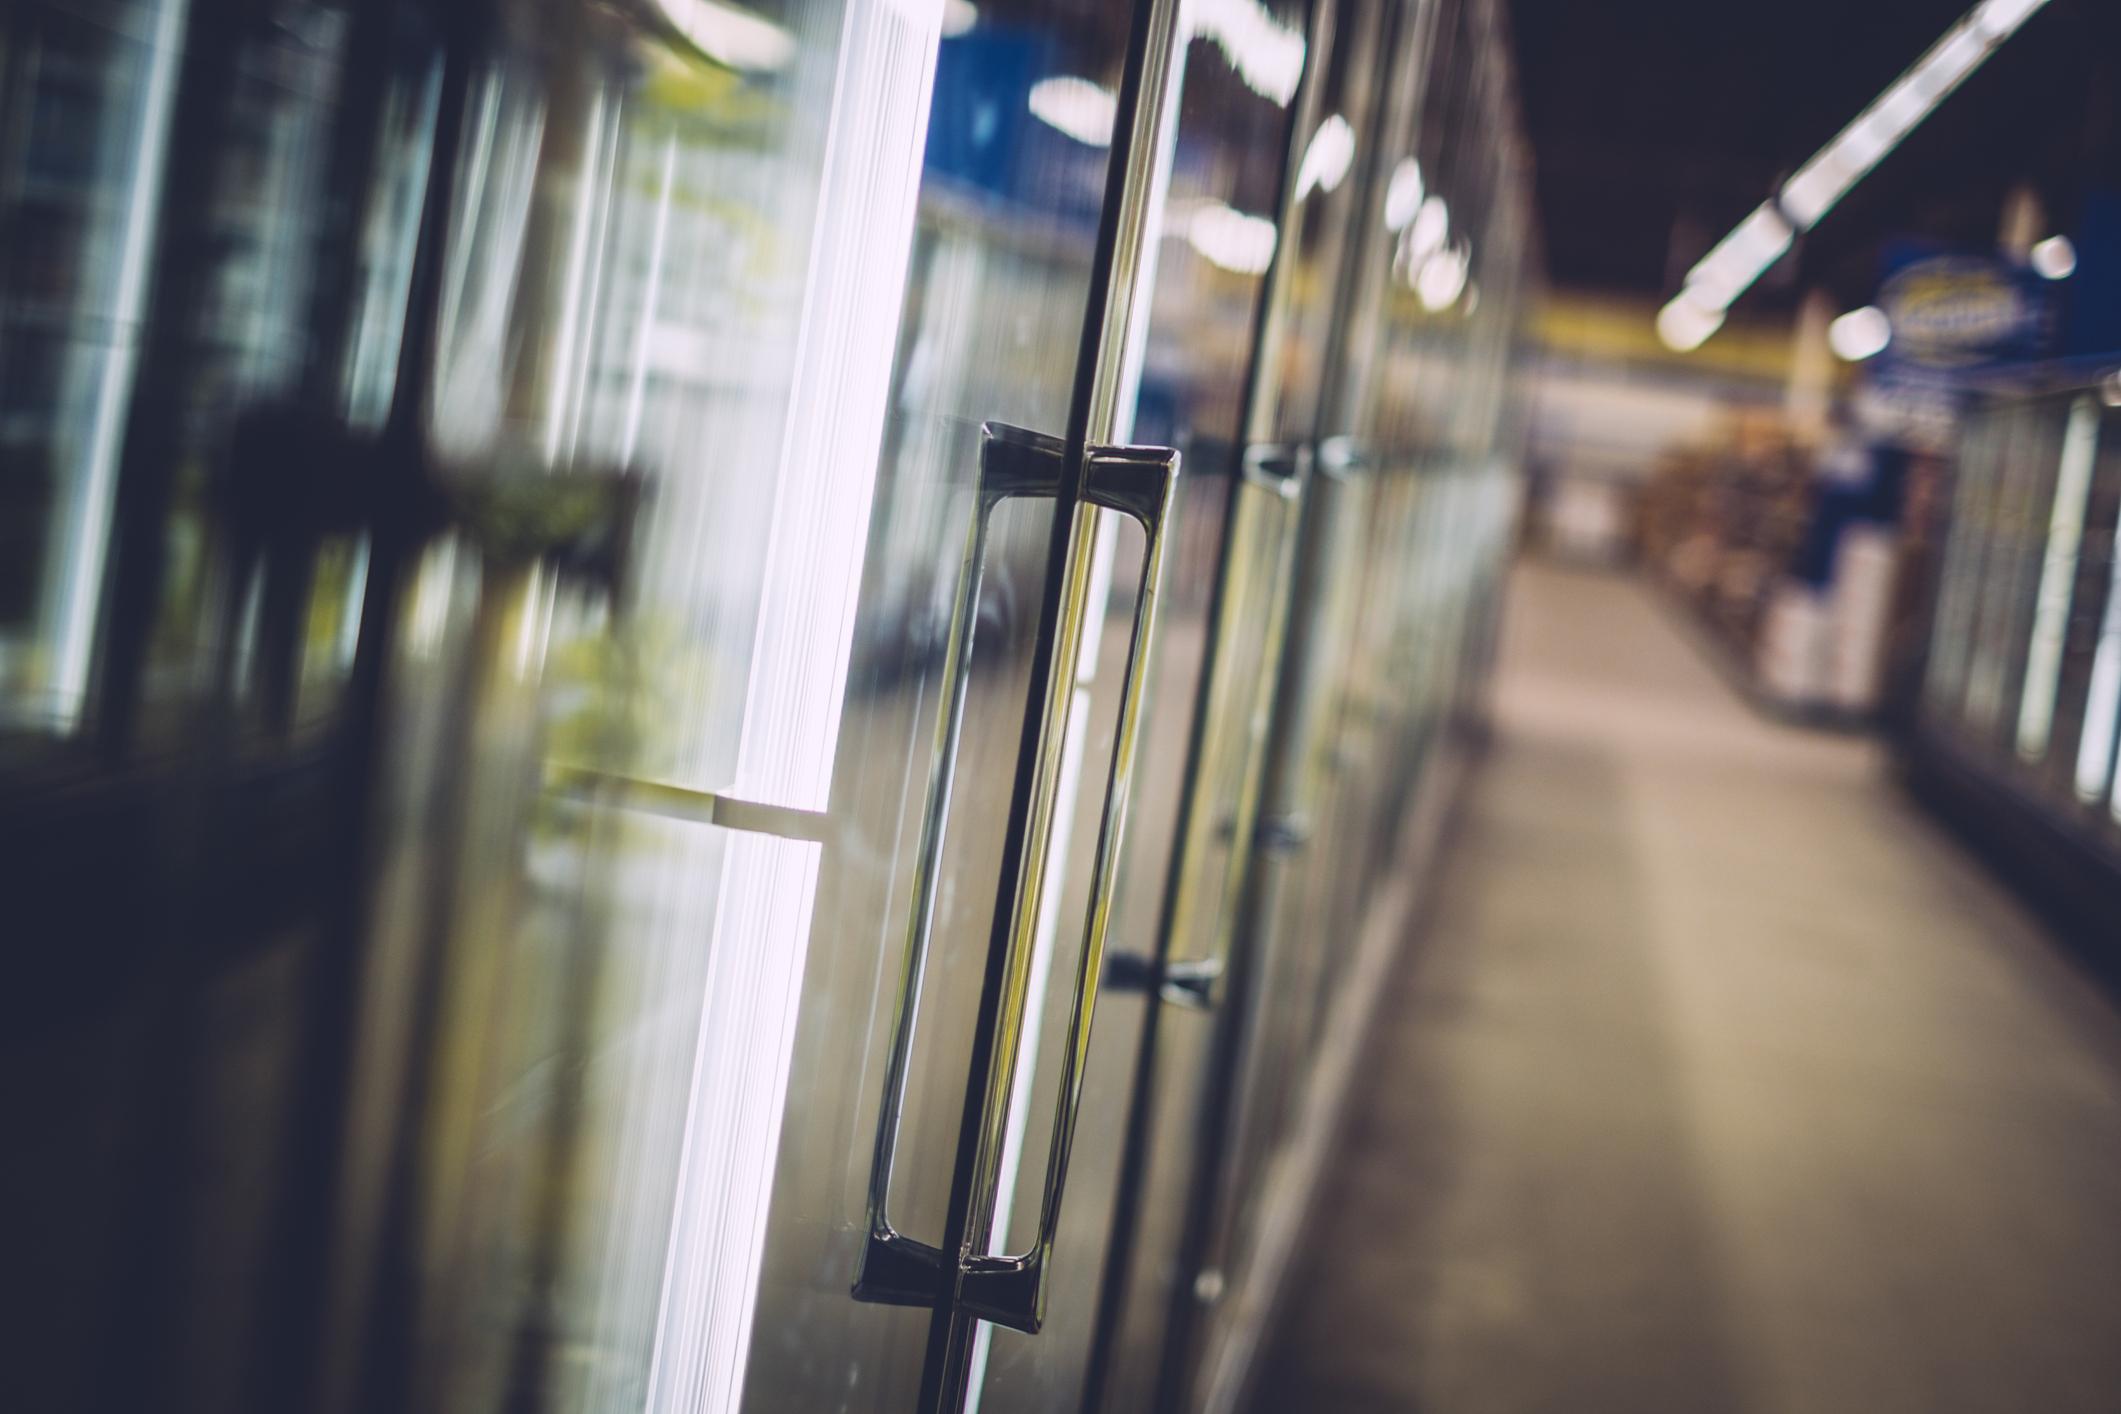 Un employé de supermarché disparu depuis dix ans retrouvé mort dans le supermarché - VICE